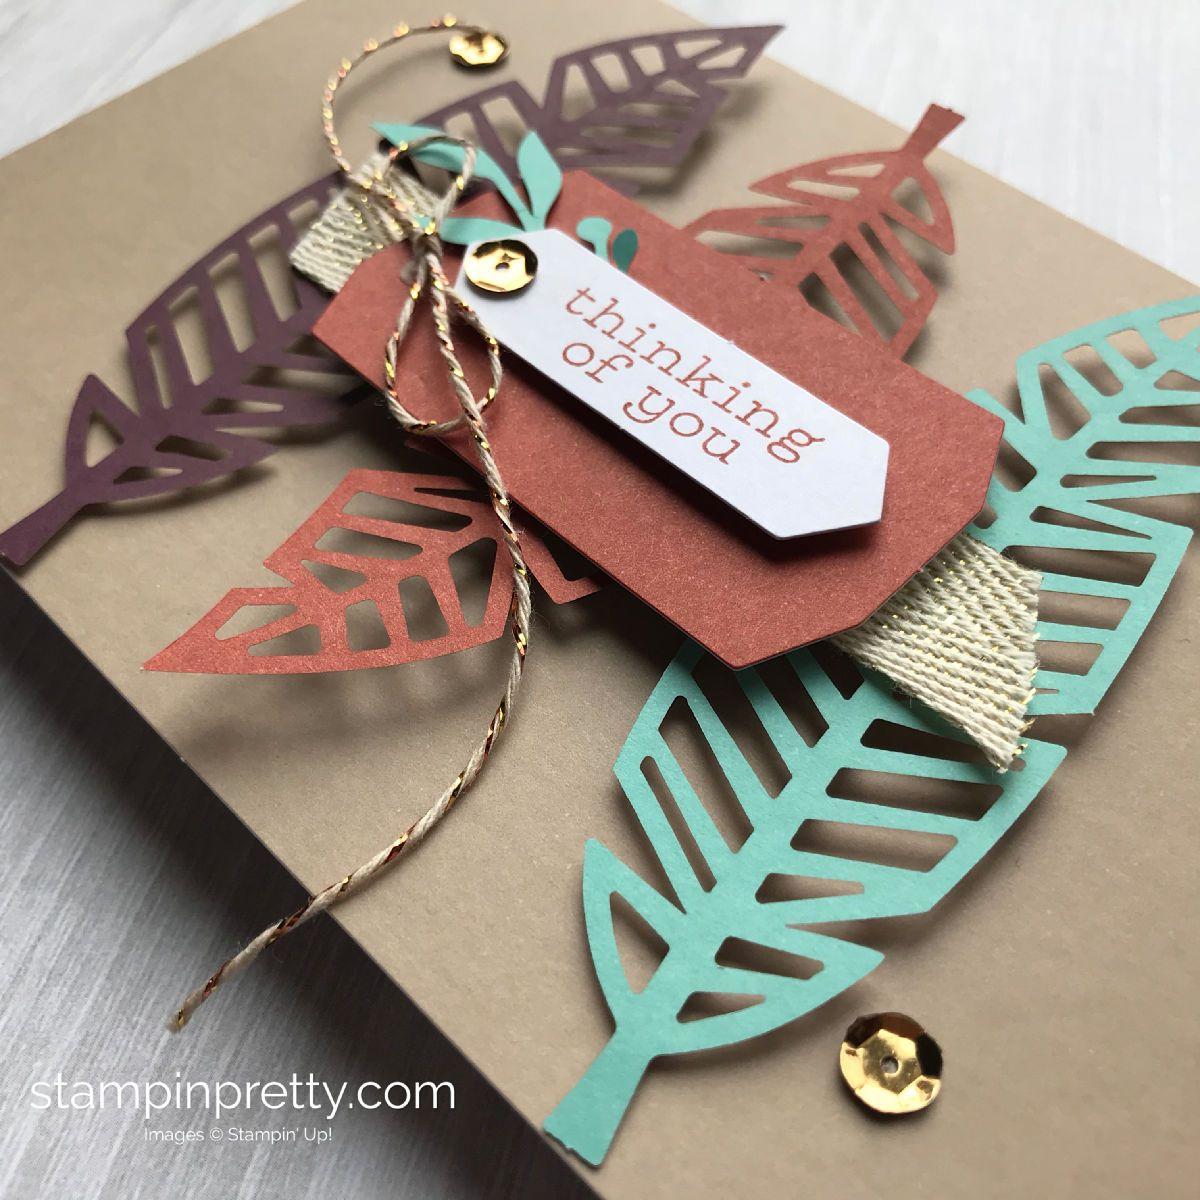 Friends of a Feather Paper Pumpkin Alternate Ideas